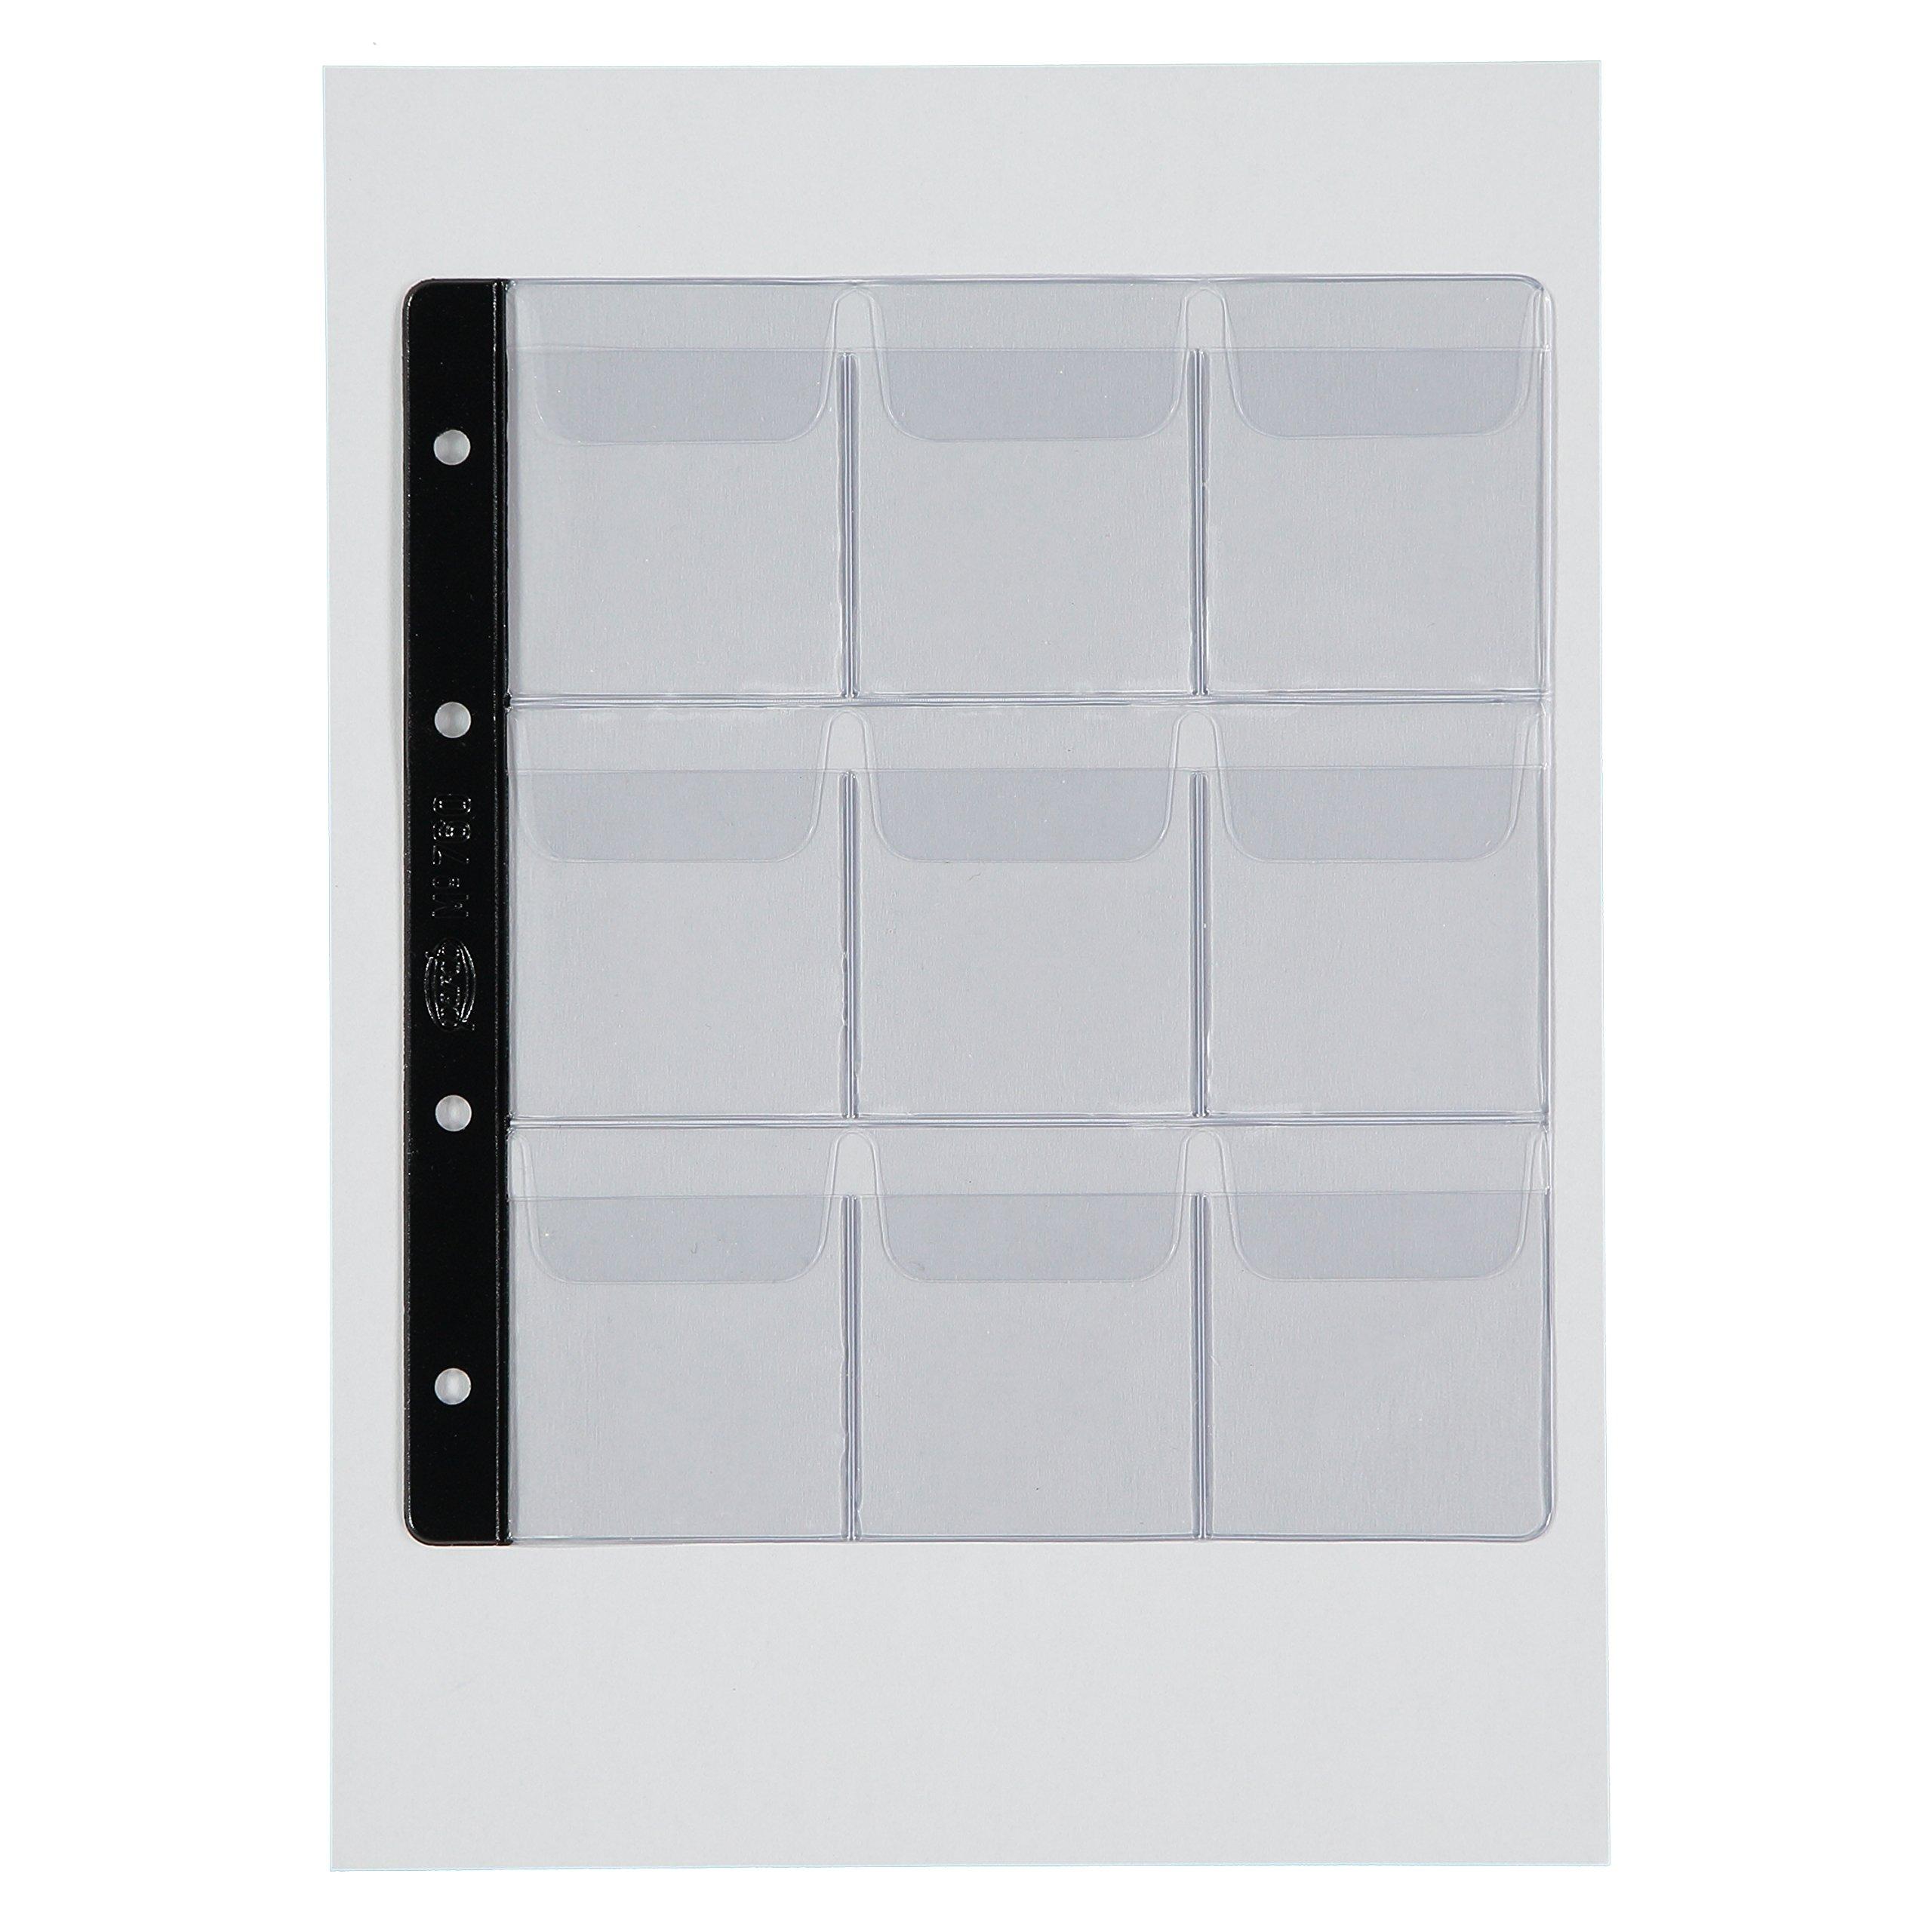 Pardo 76000 - Pack de 10 fundas, 9 alojamientos: Amazon.es: Oficina y papelería